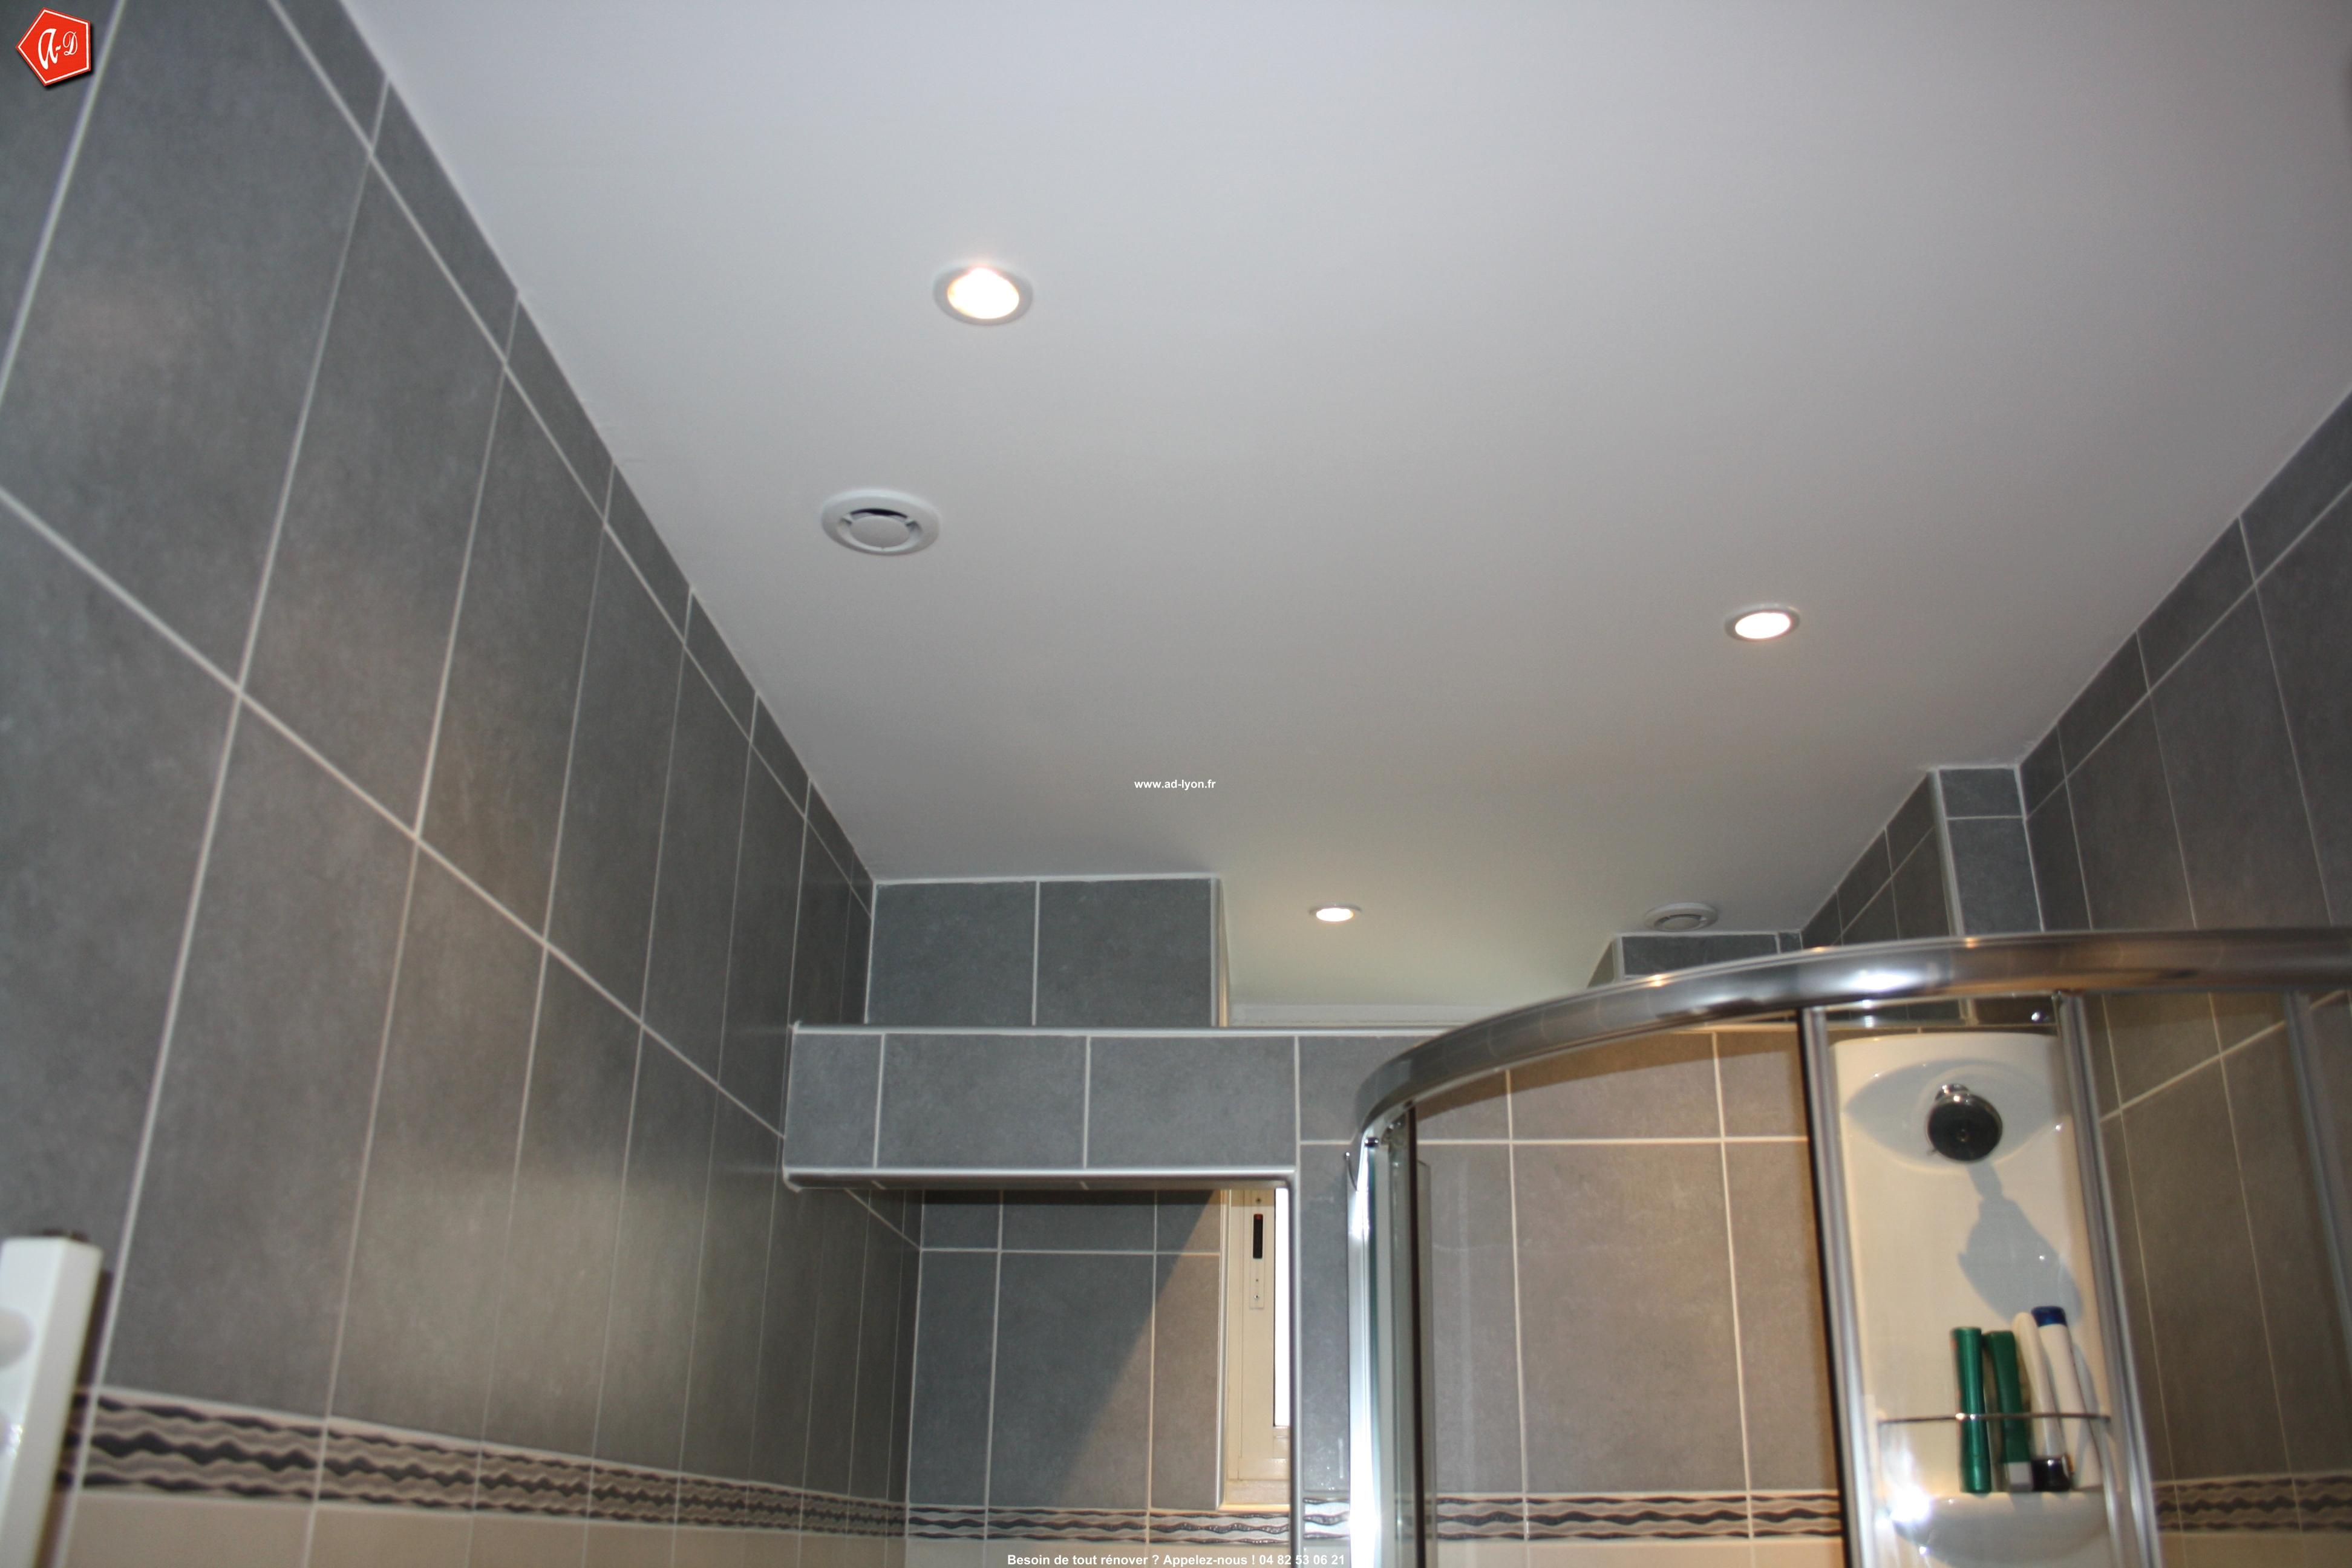 je veux trouver des luminaires et plus pour mon faux plafond pas cher ici plaque plafond salle de bain - Faux Plafond Salle De Bain Spot